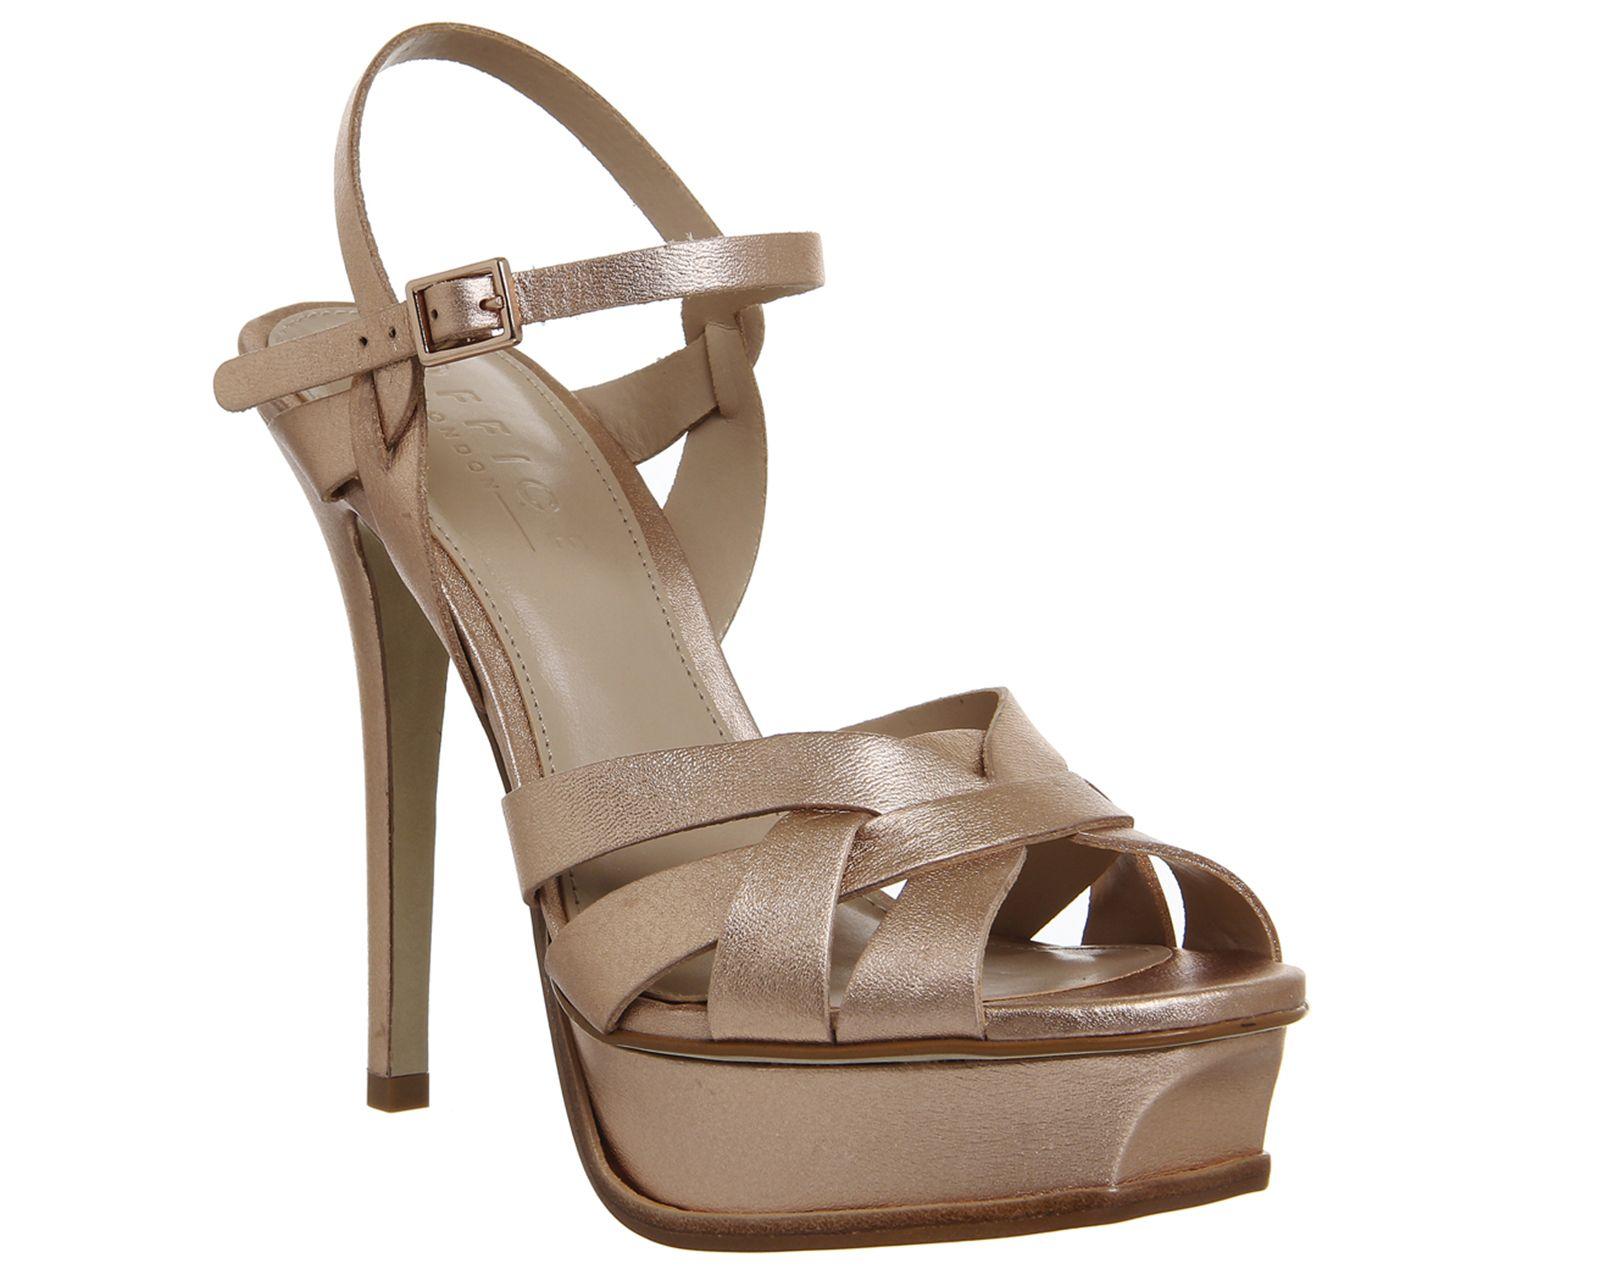 91841b18a8 Nostalgia Platform Heels Rose Gold Leather Leather High Heels, Gold  Leather, Office Shoes,